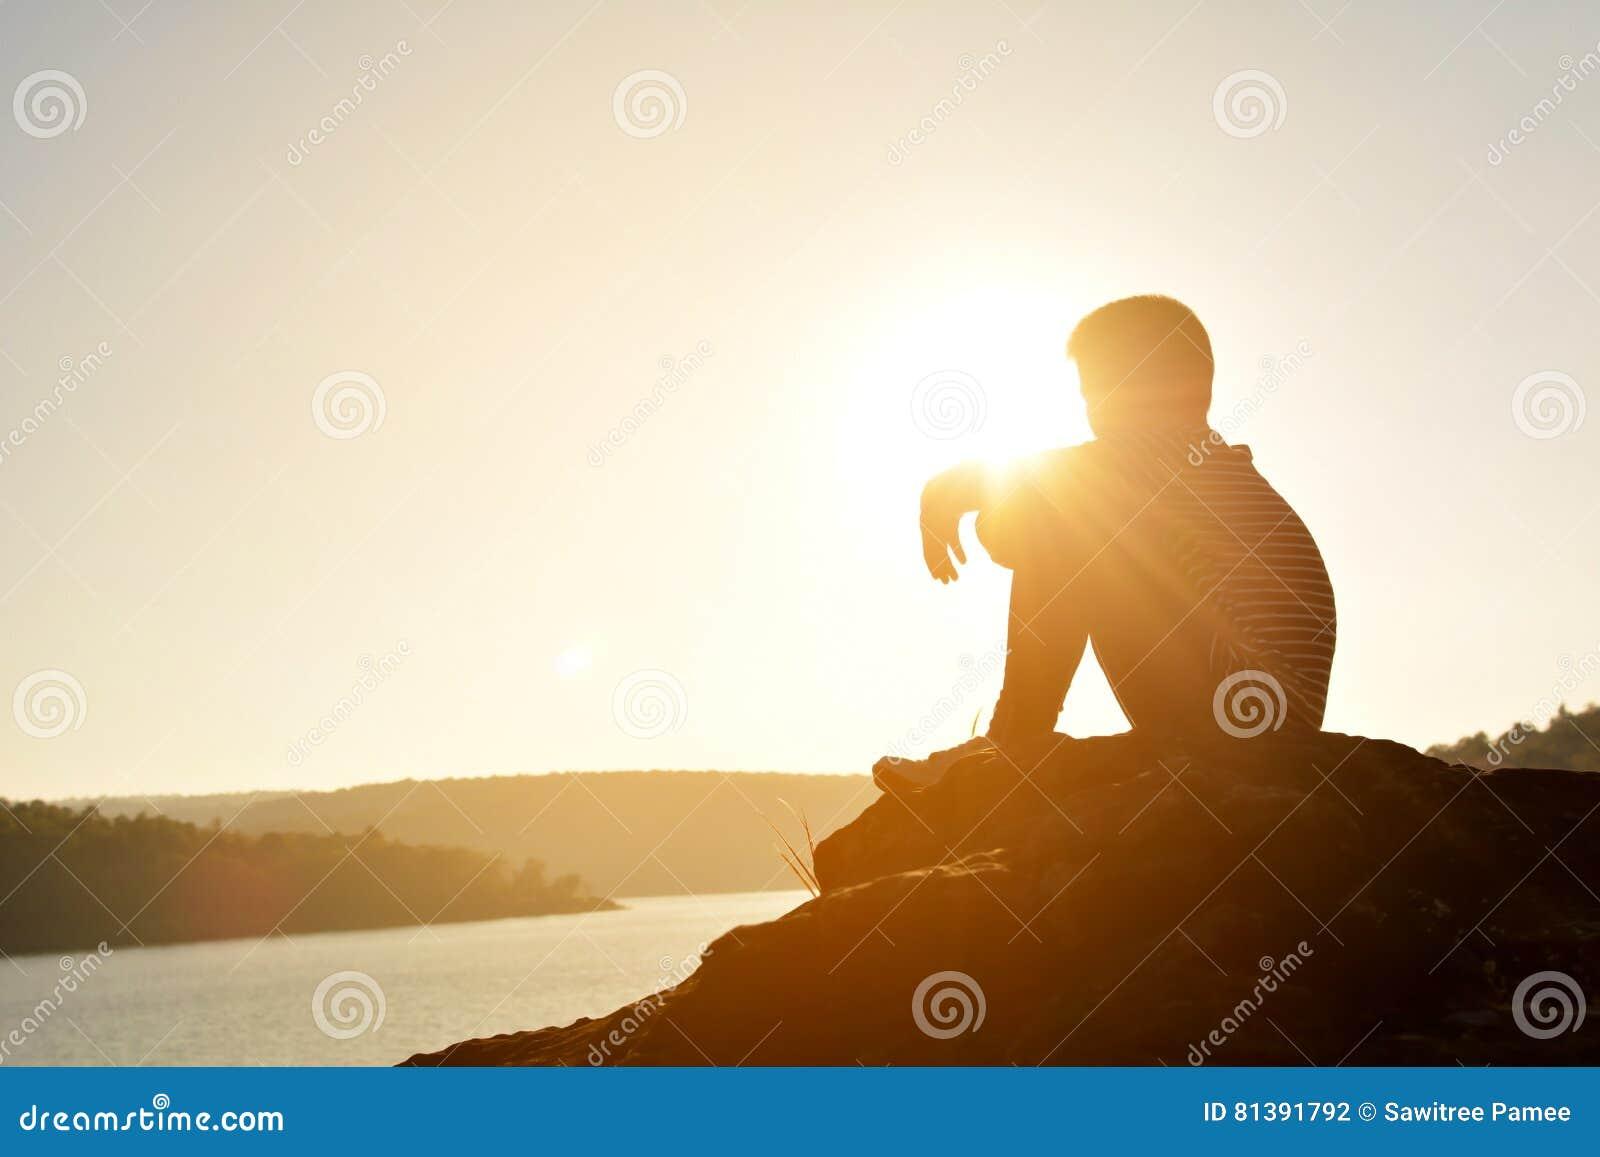 Schattenbild des traurigen Jungen und des Sitzens auf dem Felsen im Fluss